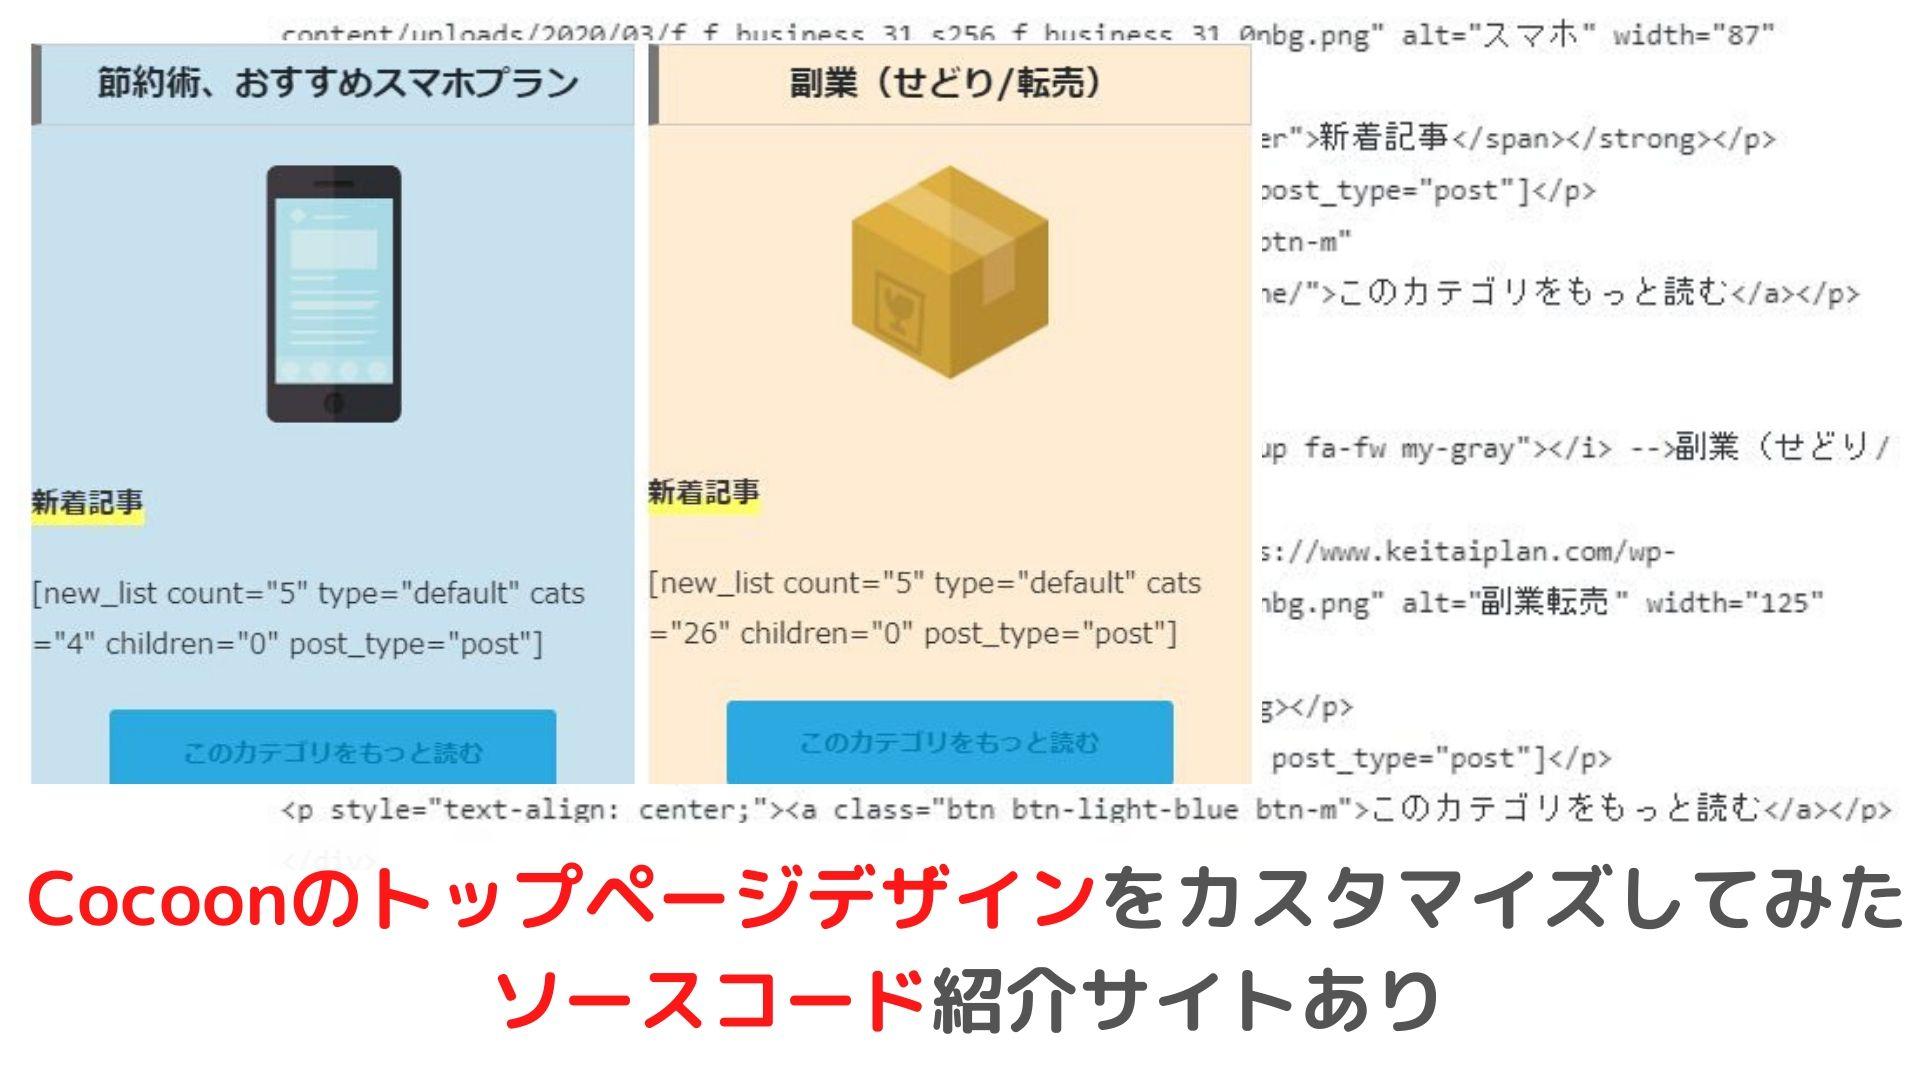 Cocoonのトップページデザインをカスタマイズしてみた ソースコードあり